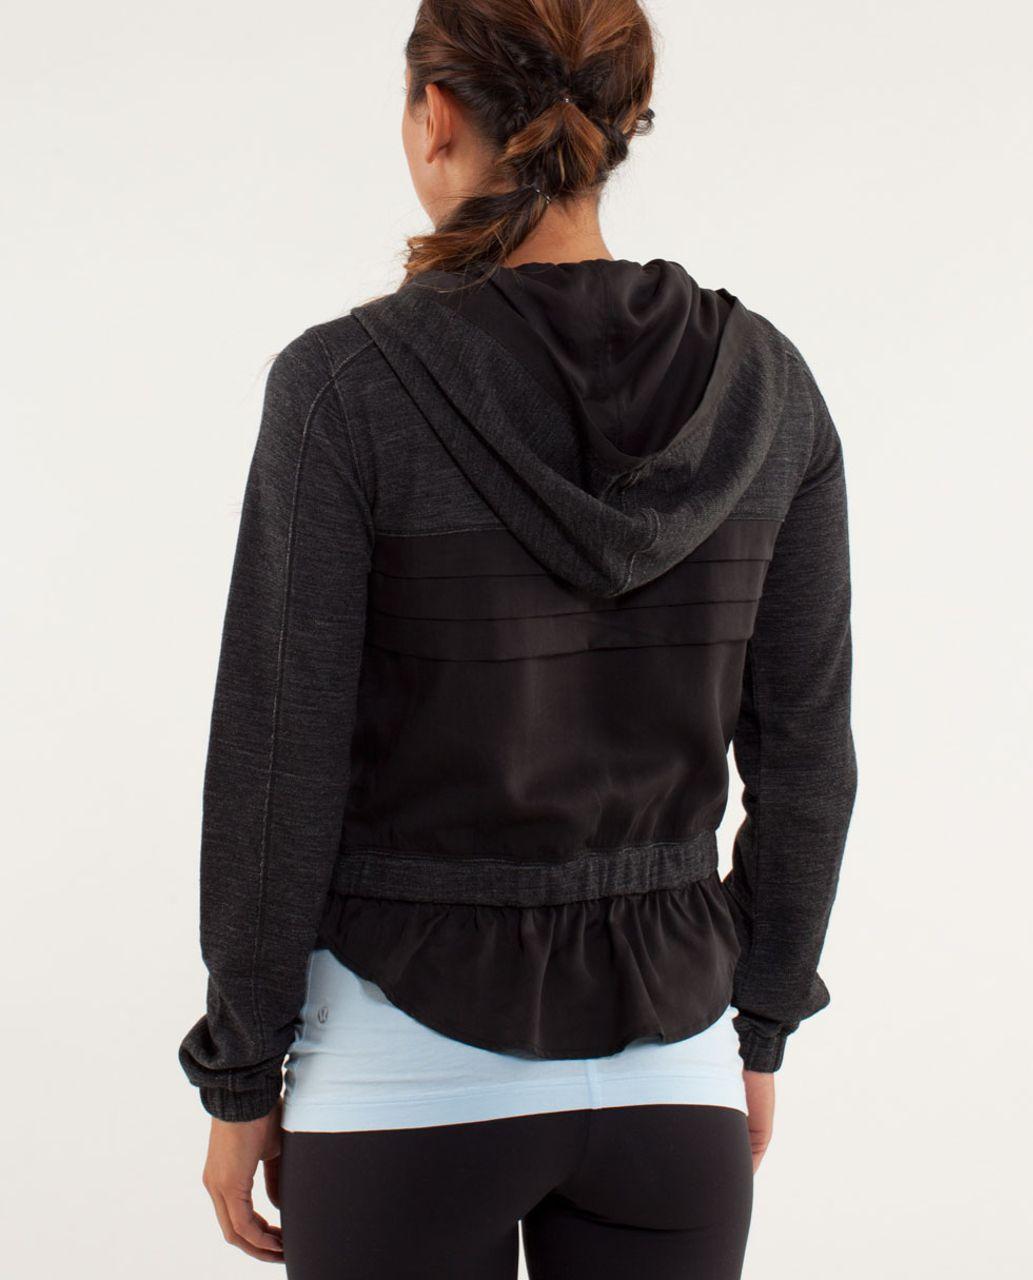 Lululemon Sattva Jacket - Black